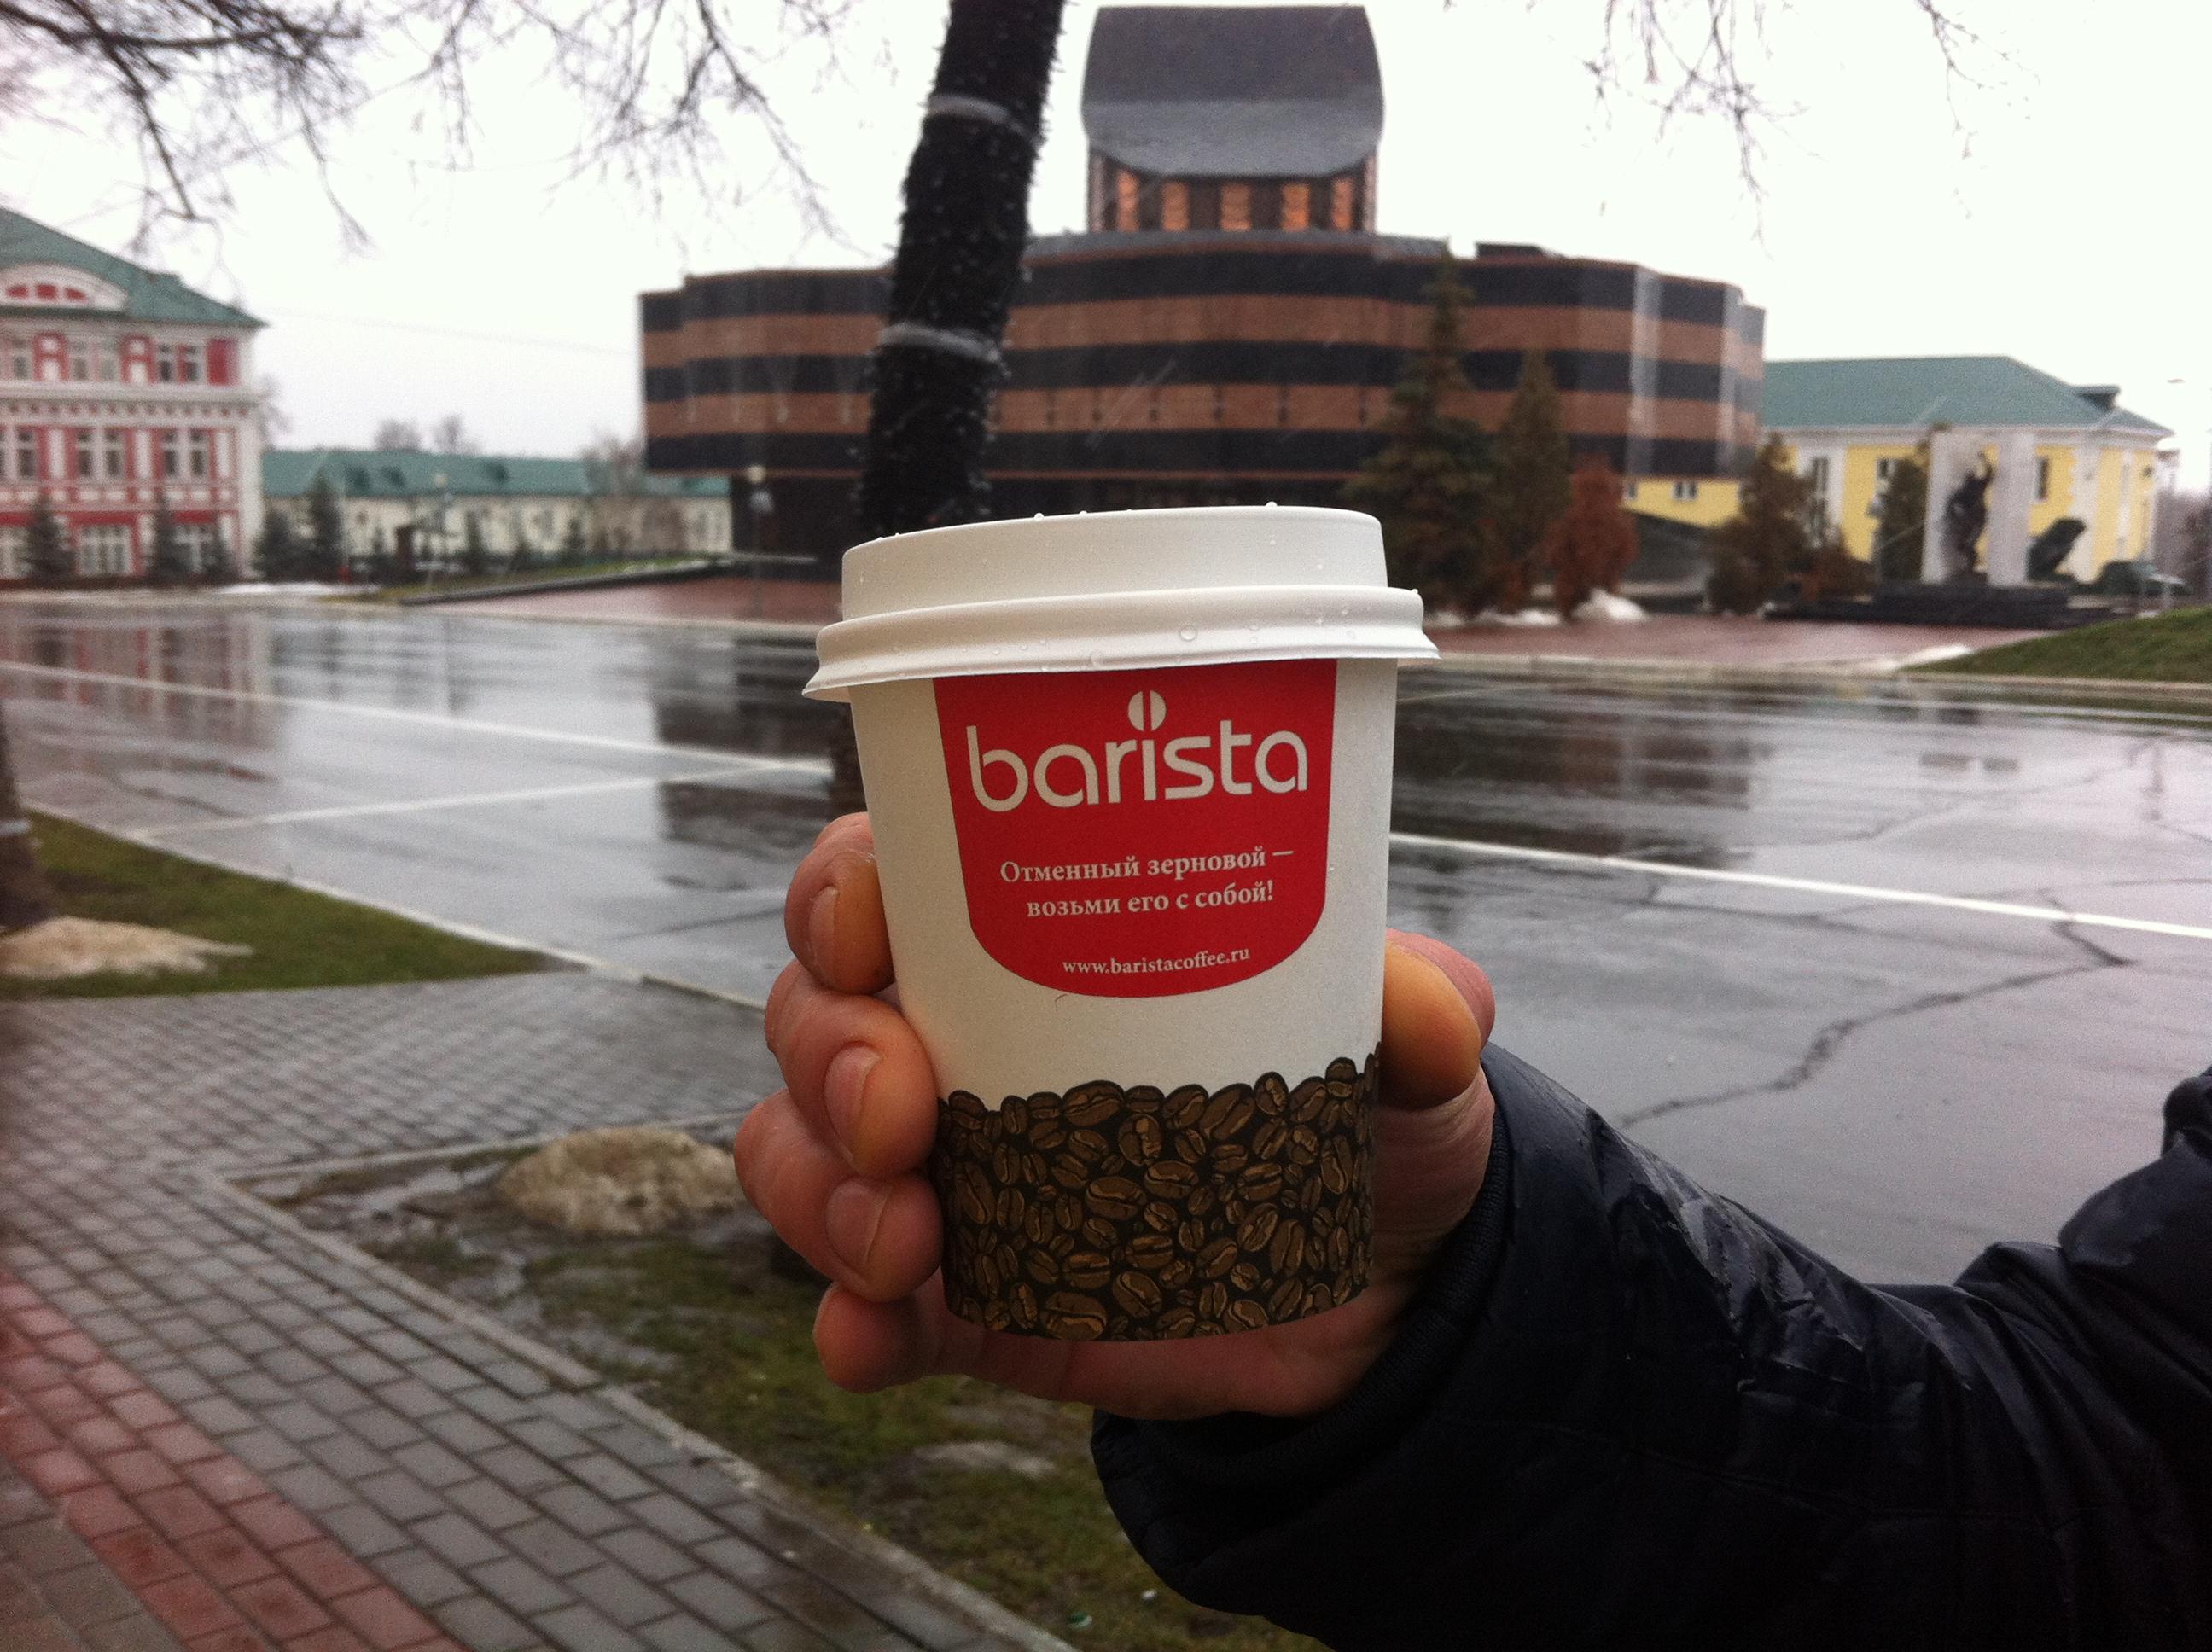 Где в Саранске варят  b лучший кофе   с nbsp собой     b  IMG_5012